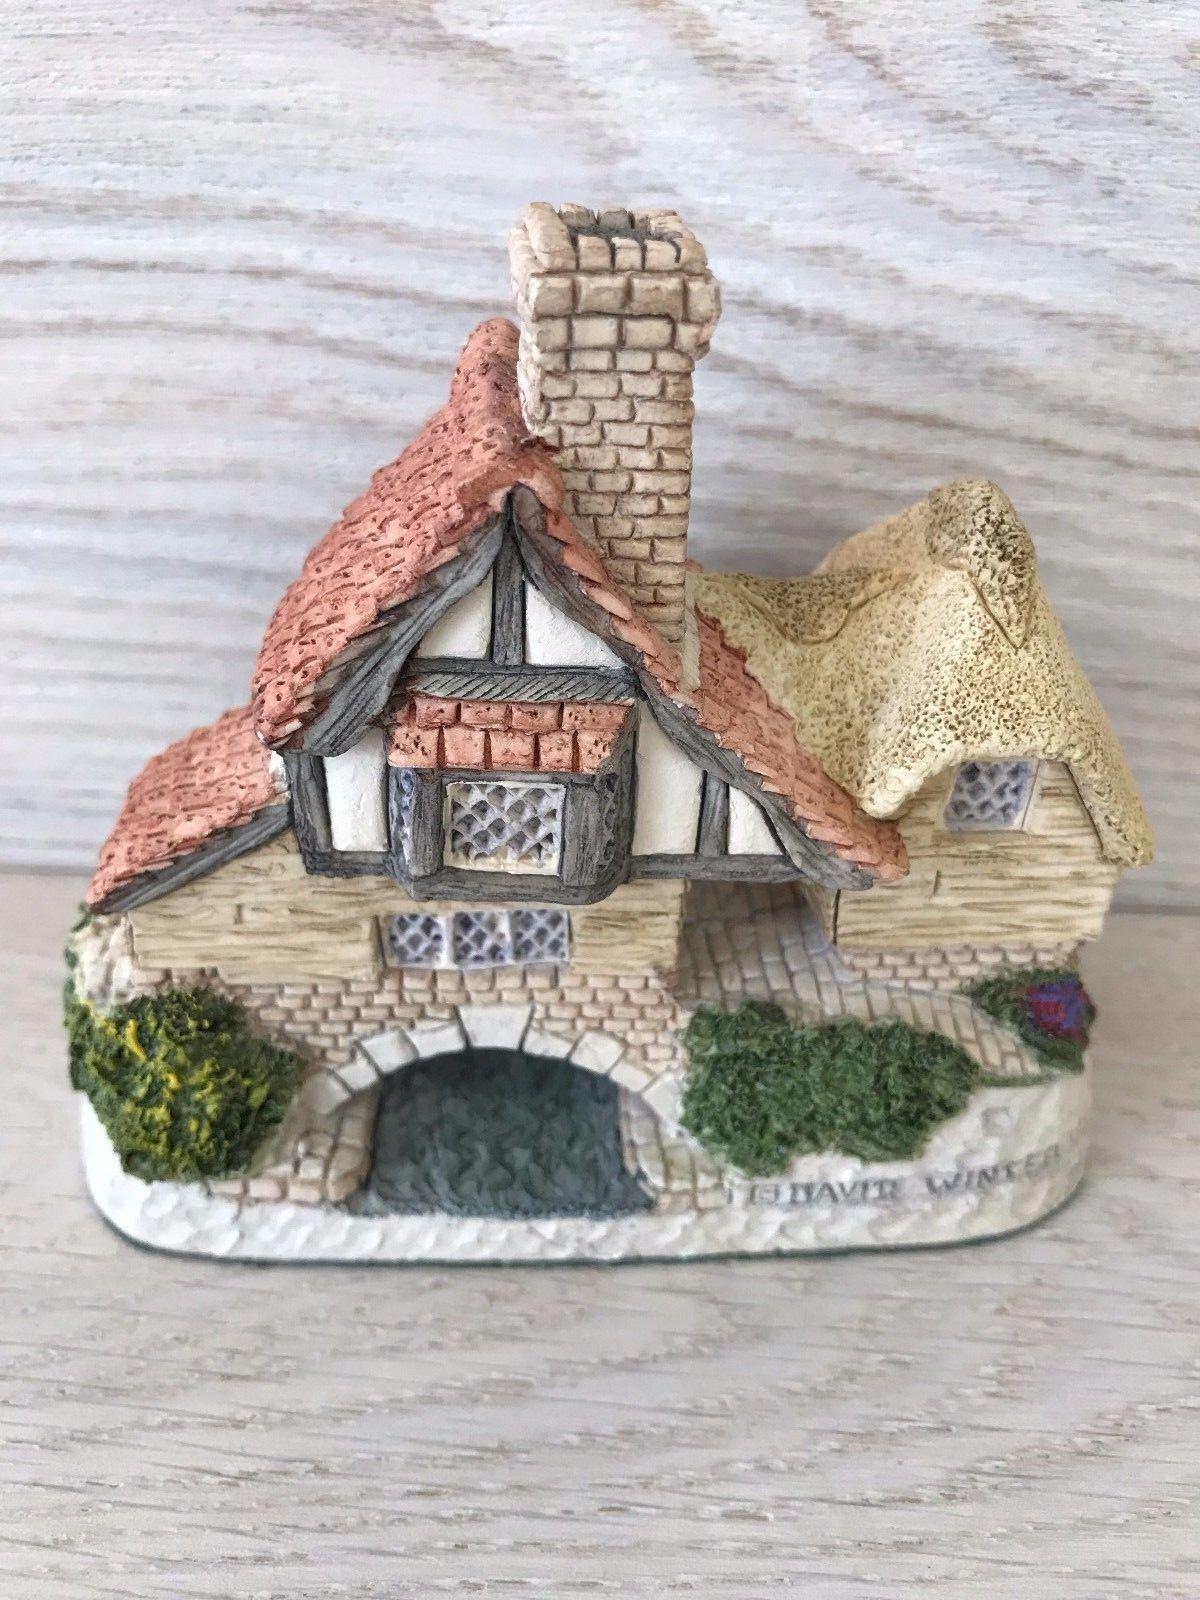 Vintage David Winter Birth Day Cottage Arches Thwonce Date March 31 Ebay Birthday Day Cottage